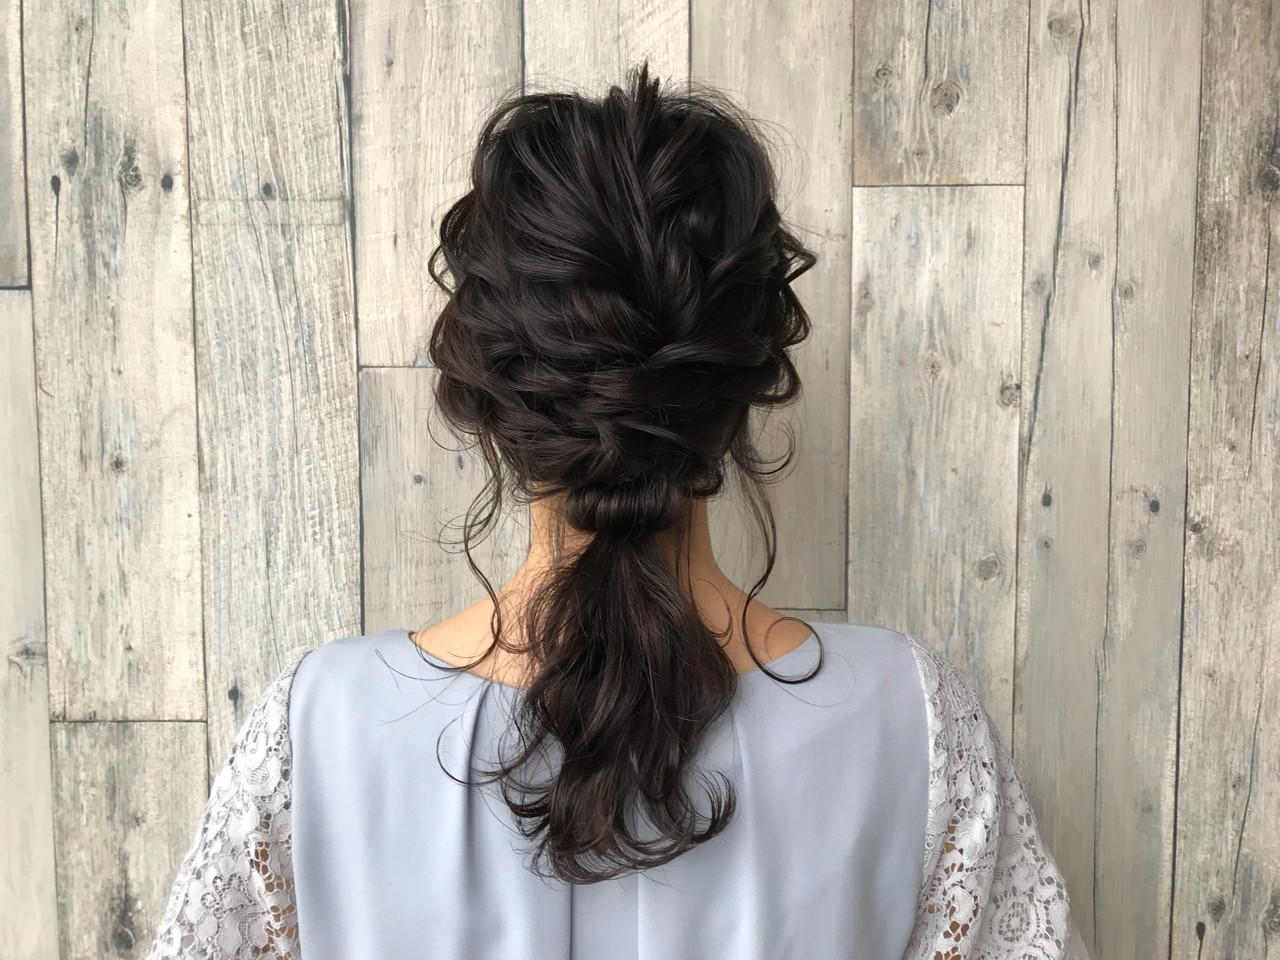 ガーリー ミディアム ヘアアレンジ 編み込み ヘアスタイルや髪型の写真・画像